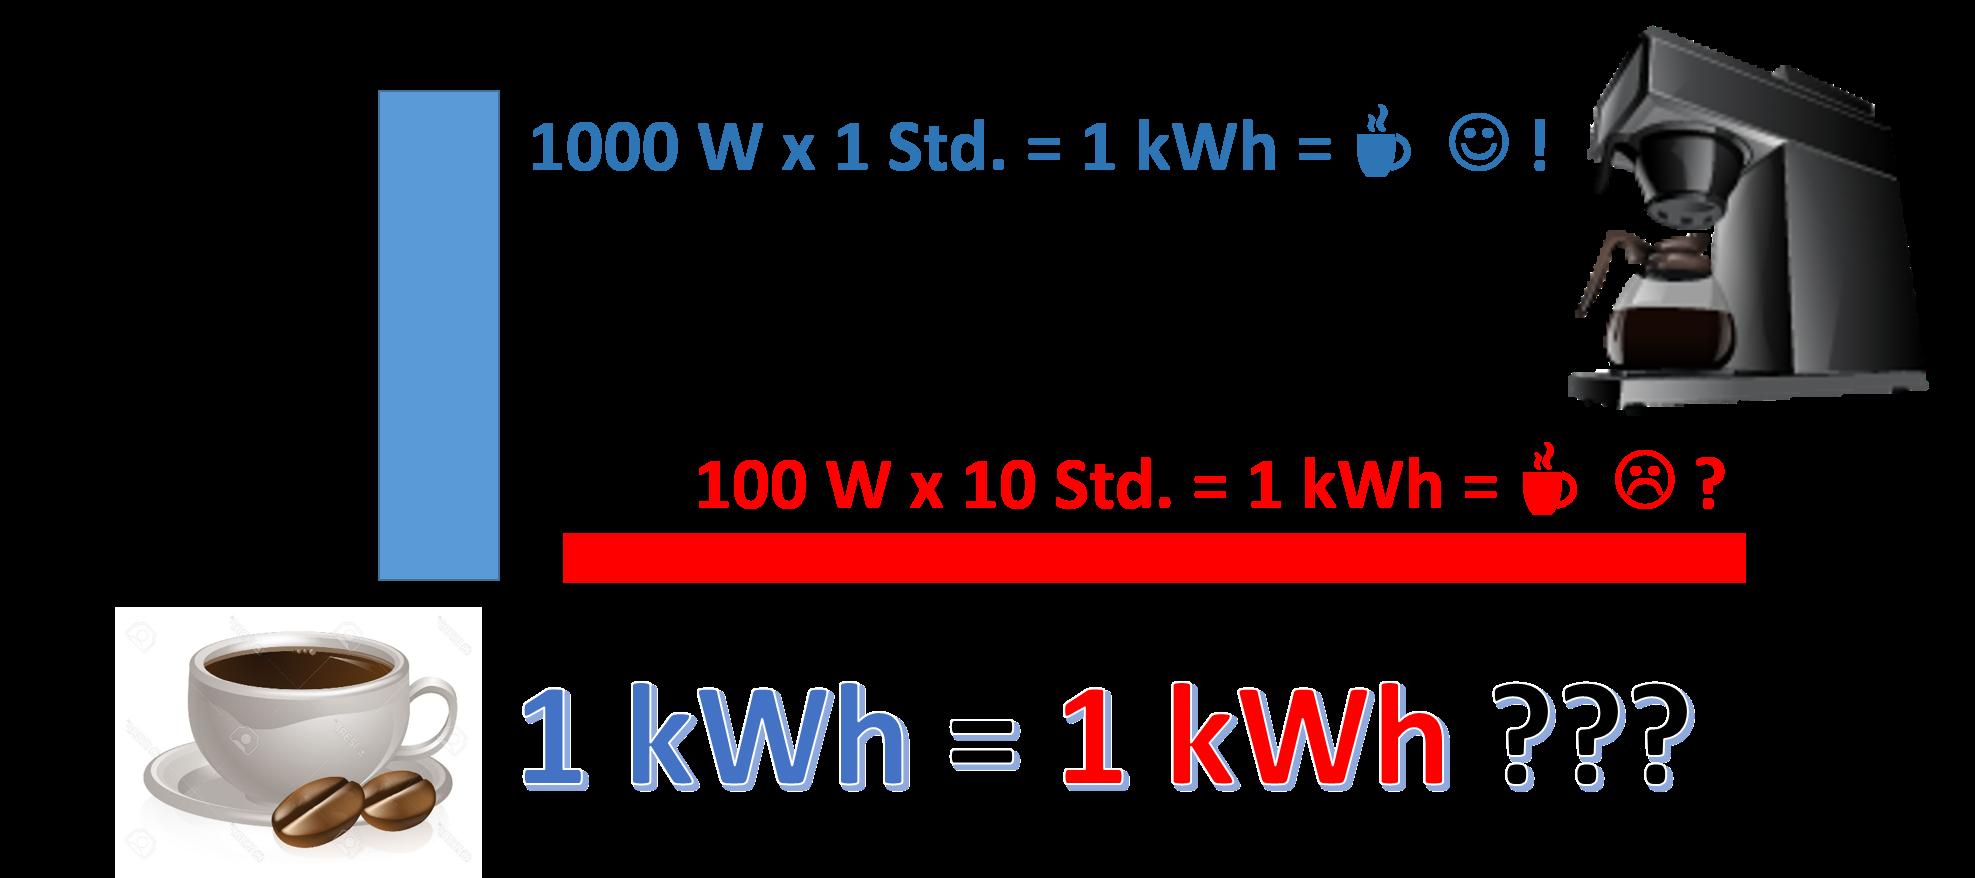 1 kWh